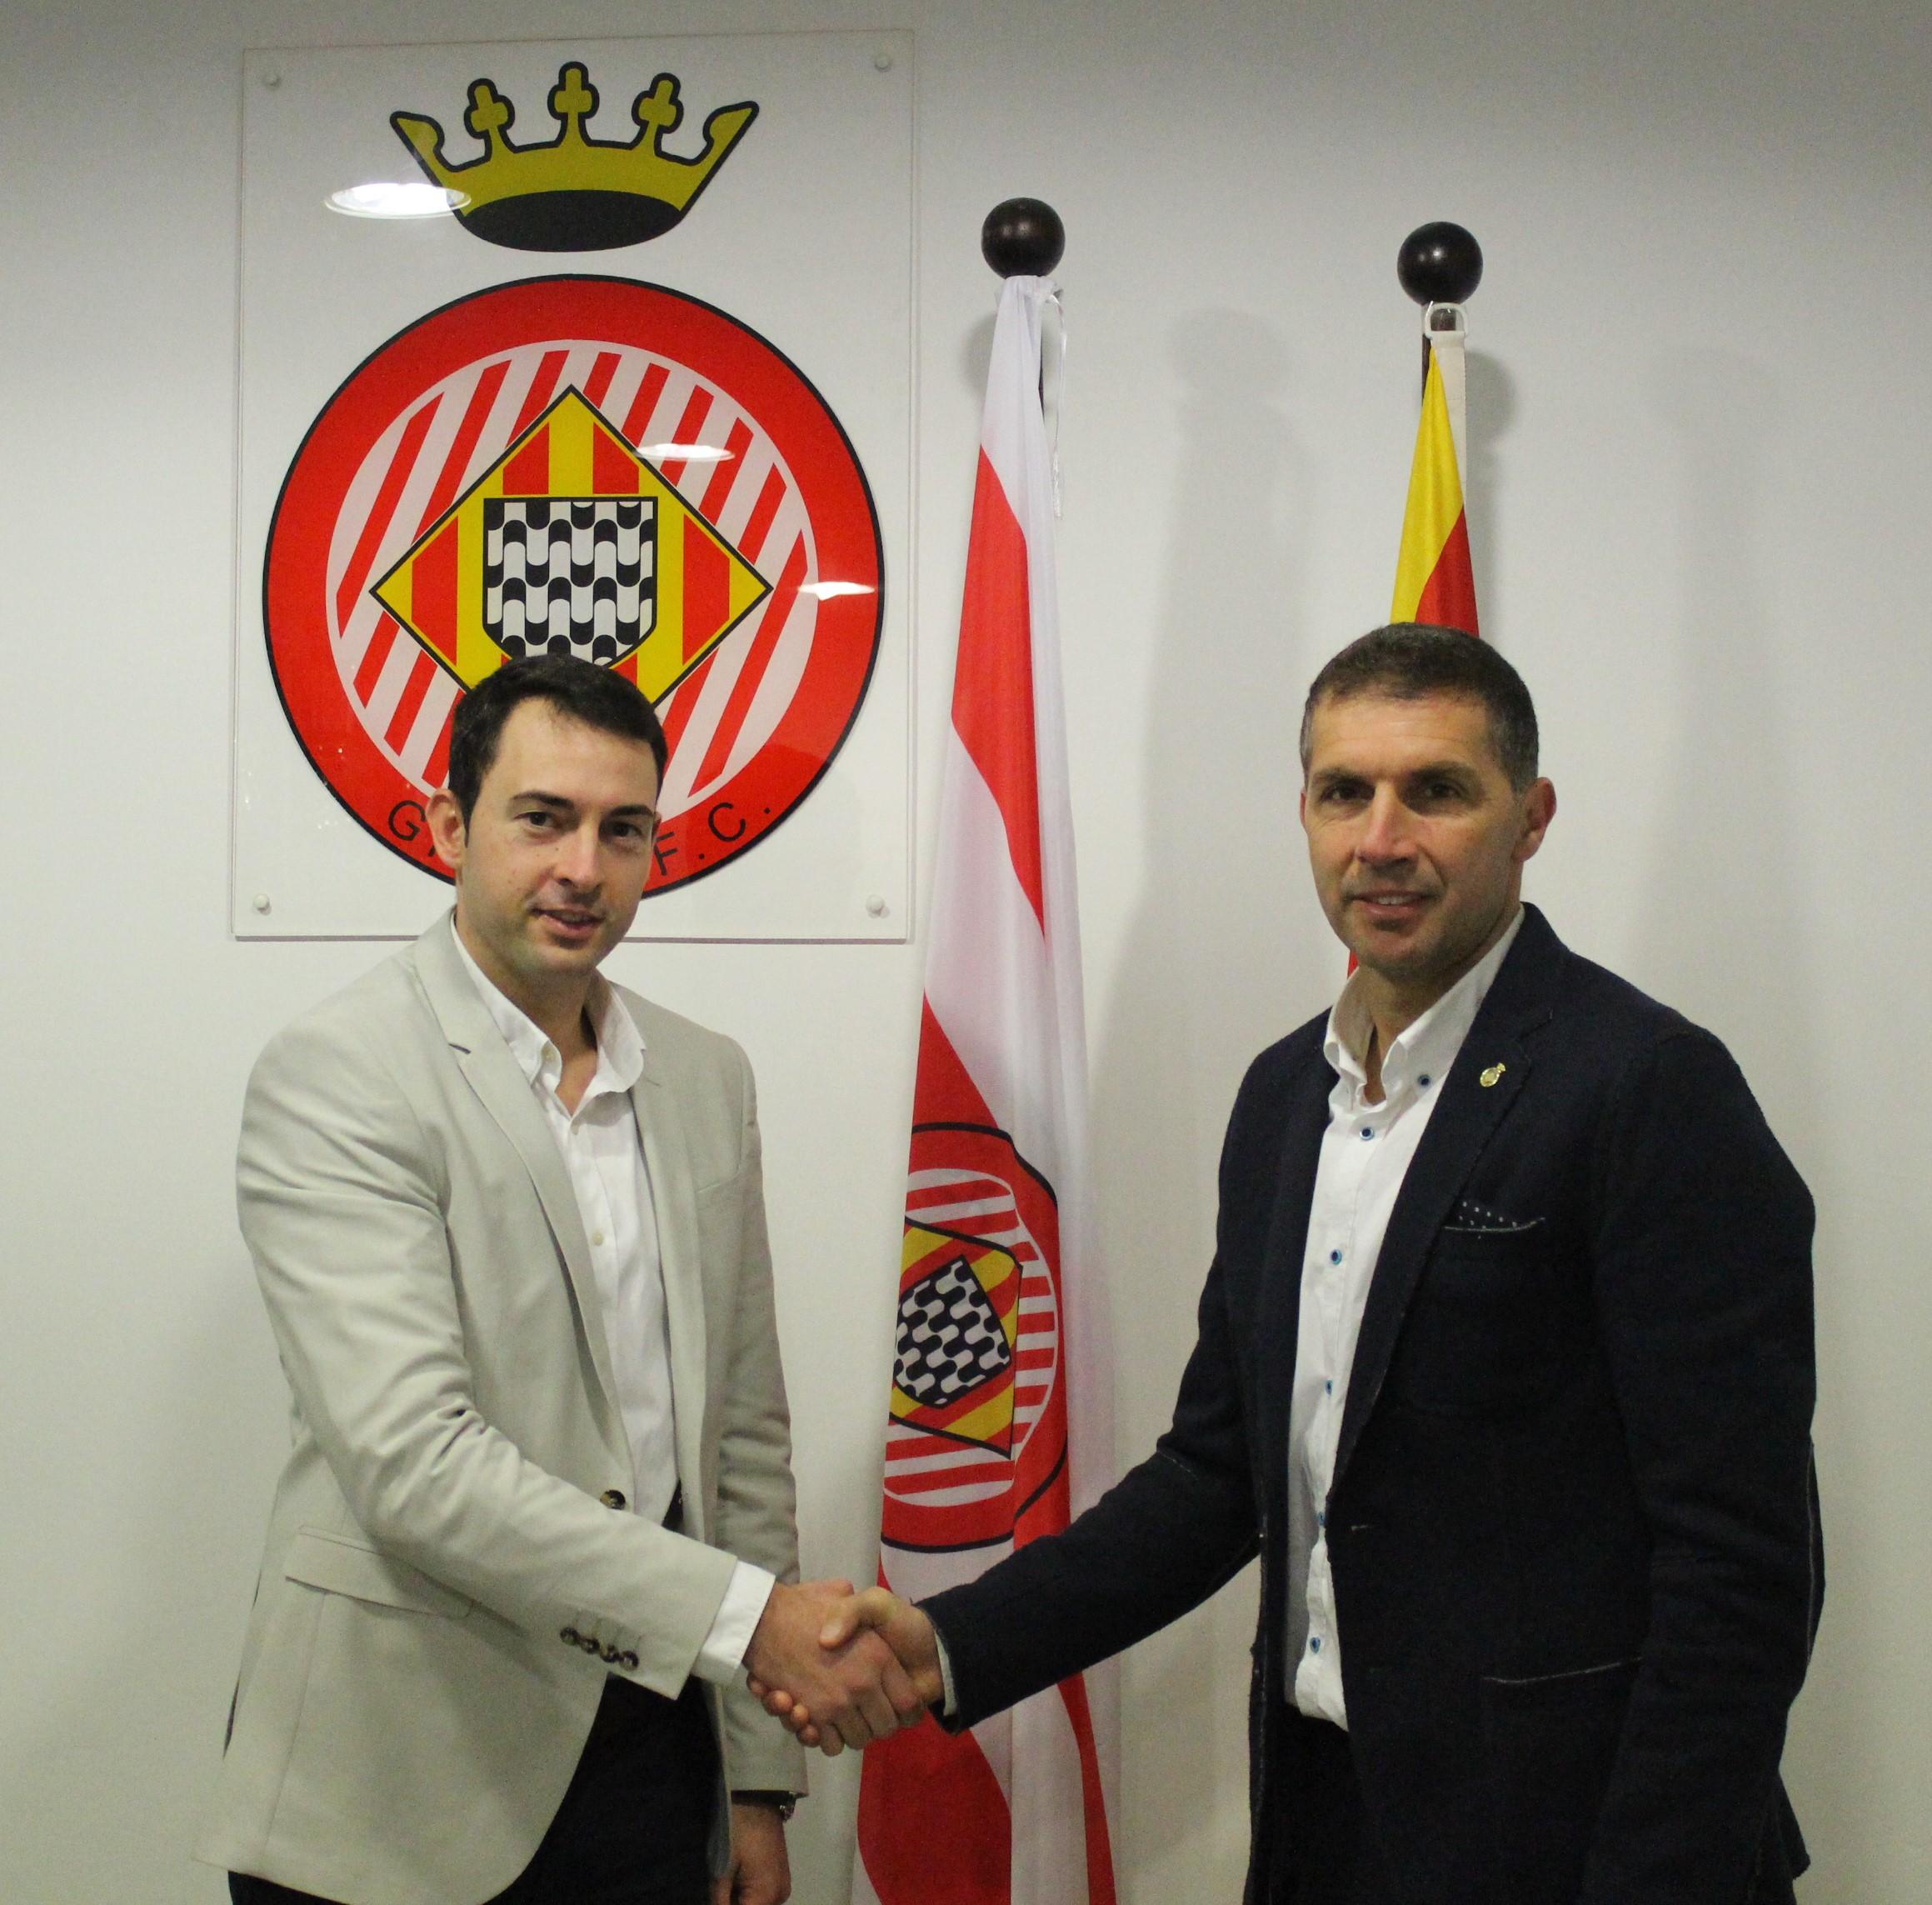 L'Escola Universitària de la Salut i l'Esport i el Girona FC renoven el seu acord de col·laboració